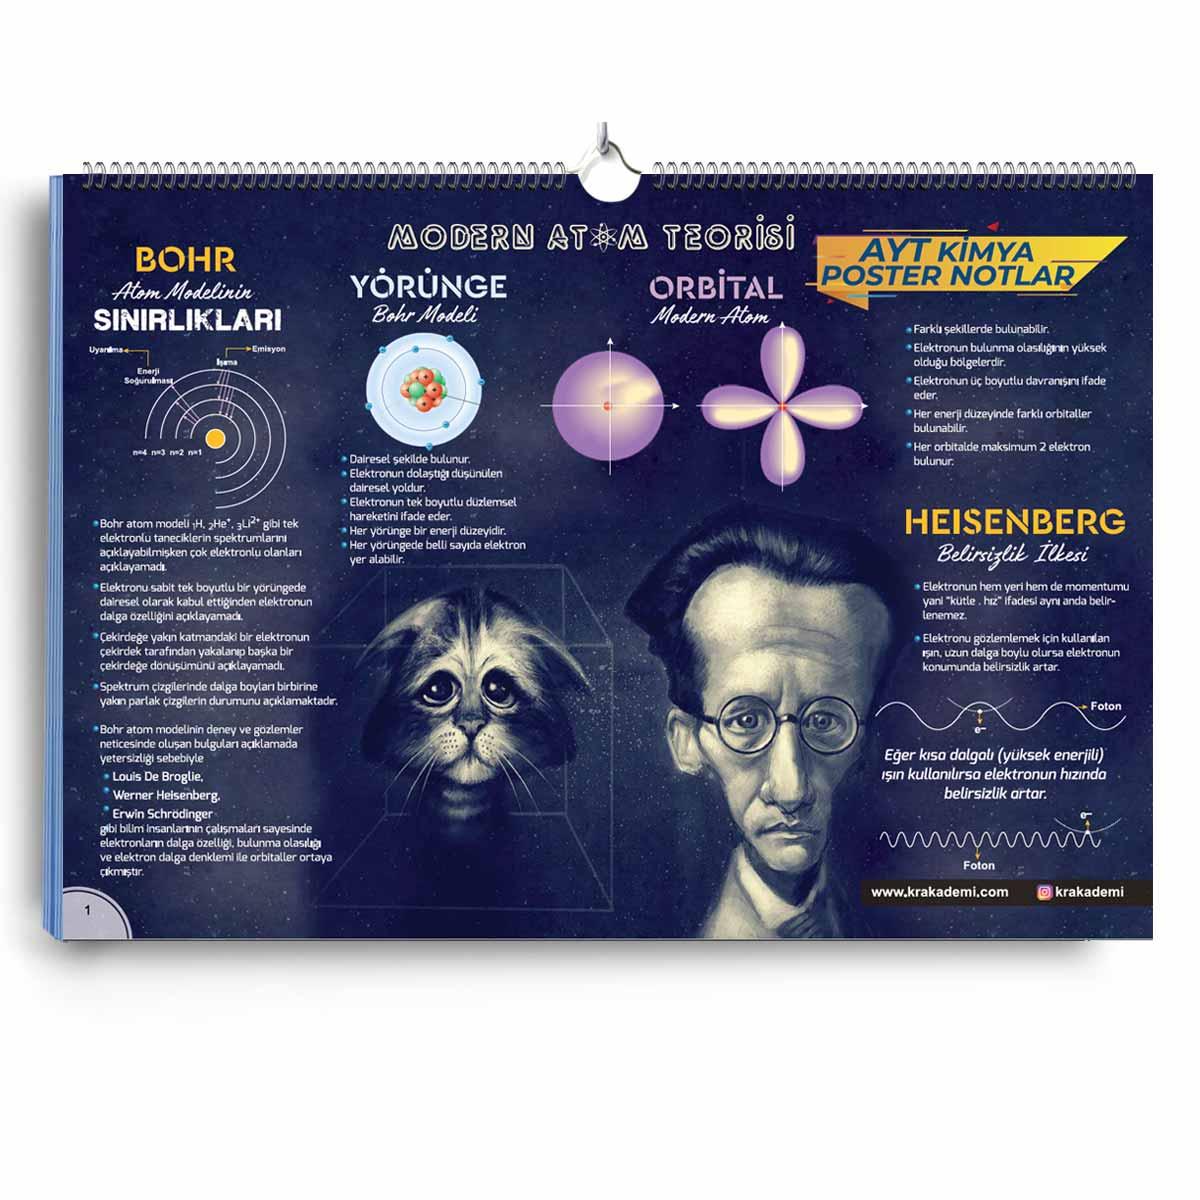 AYT Kimya Poster Notlar